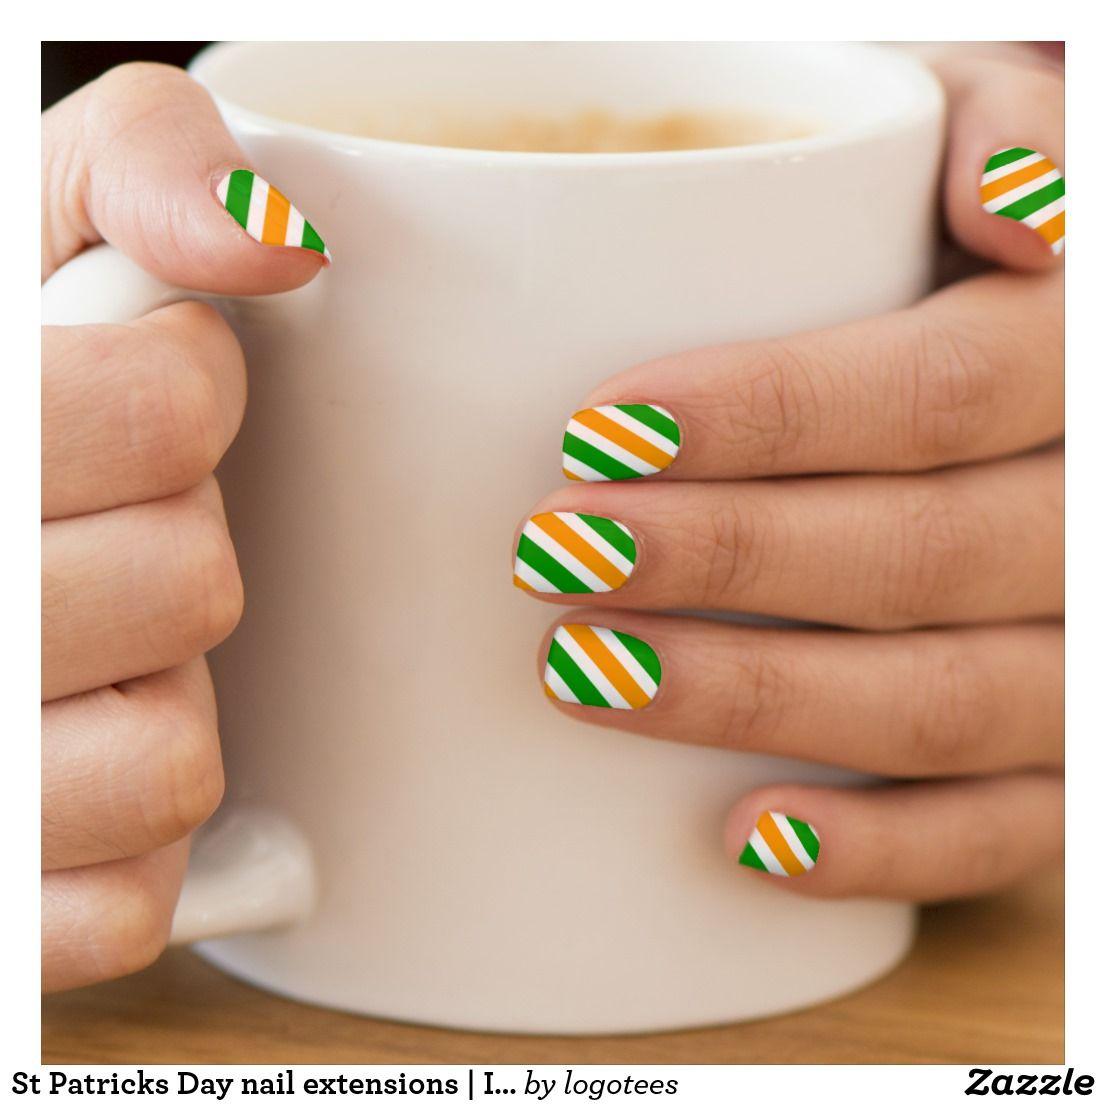 St Patricks Day nail extensions | Irish flag color Minx Nail Art ...